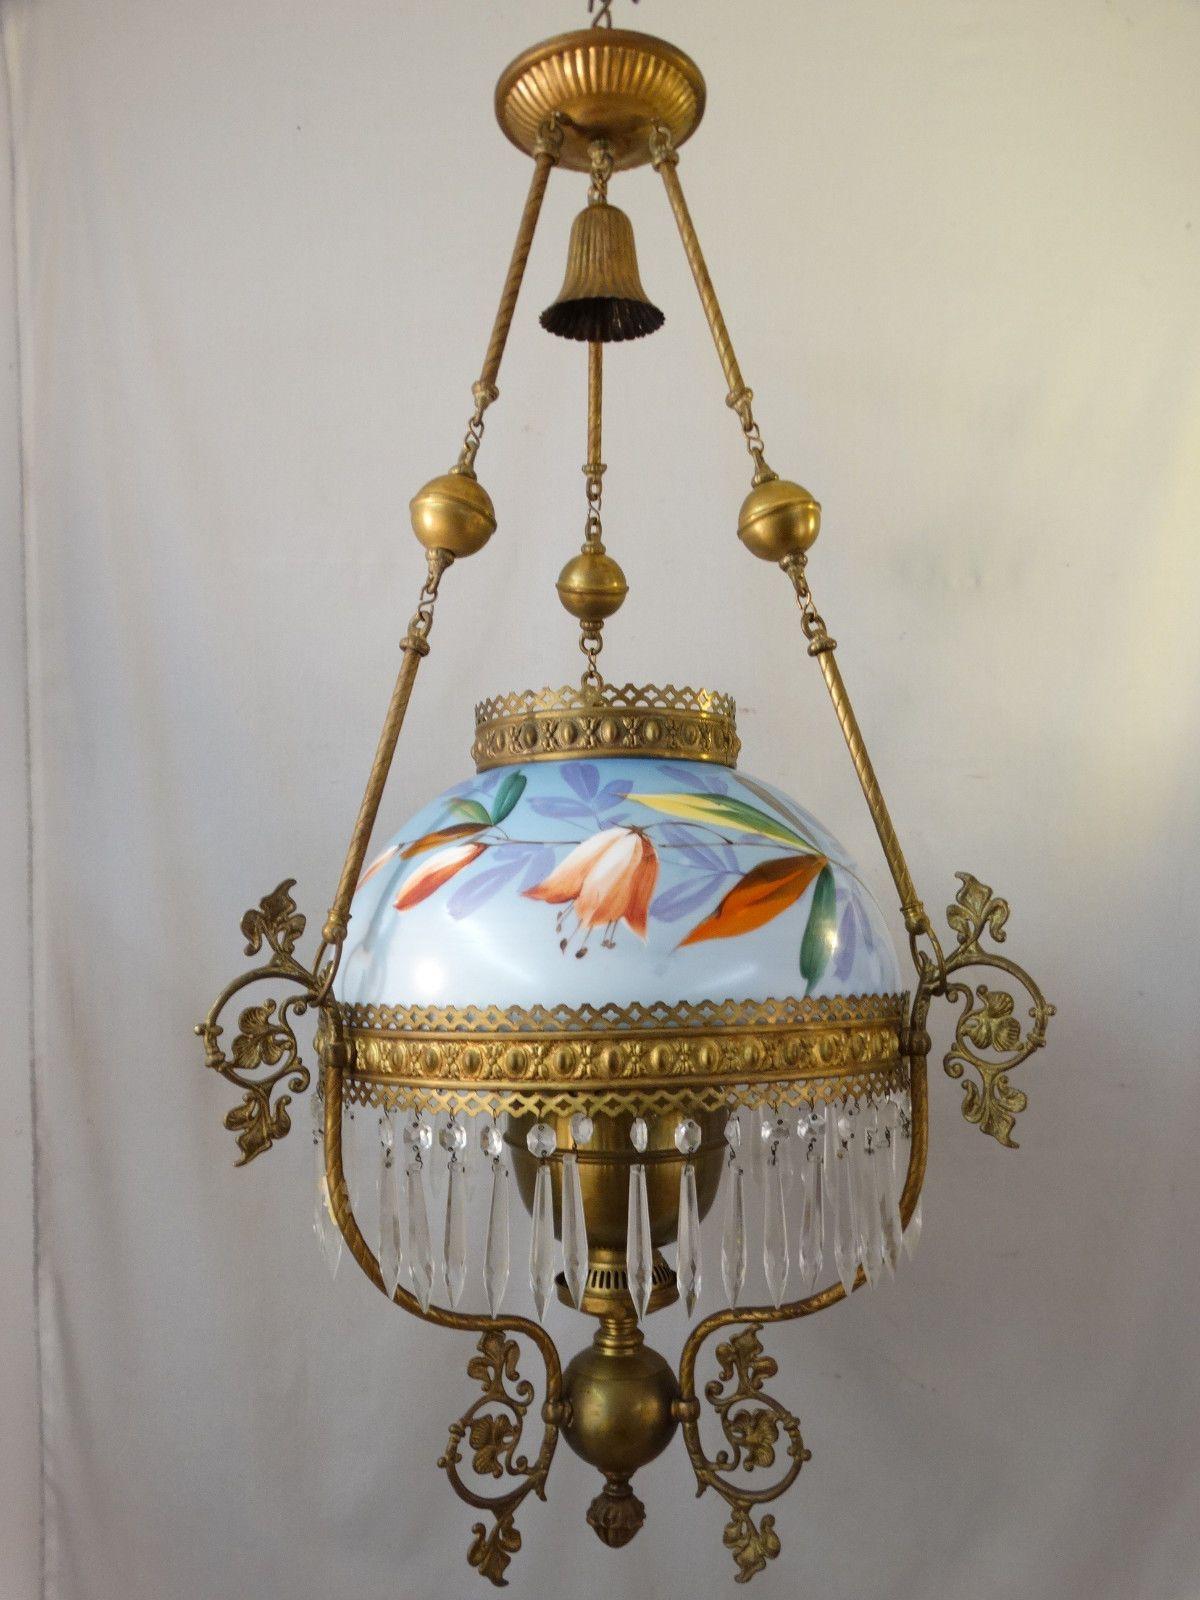 19thc antique art nouveau era brass painted flower oil lamp 19thc antique art nouveau era brass painted flower oil lamp victorian chandelier aloadofball Choice Image